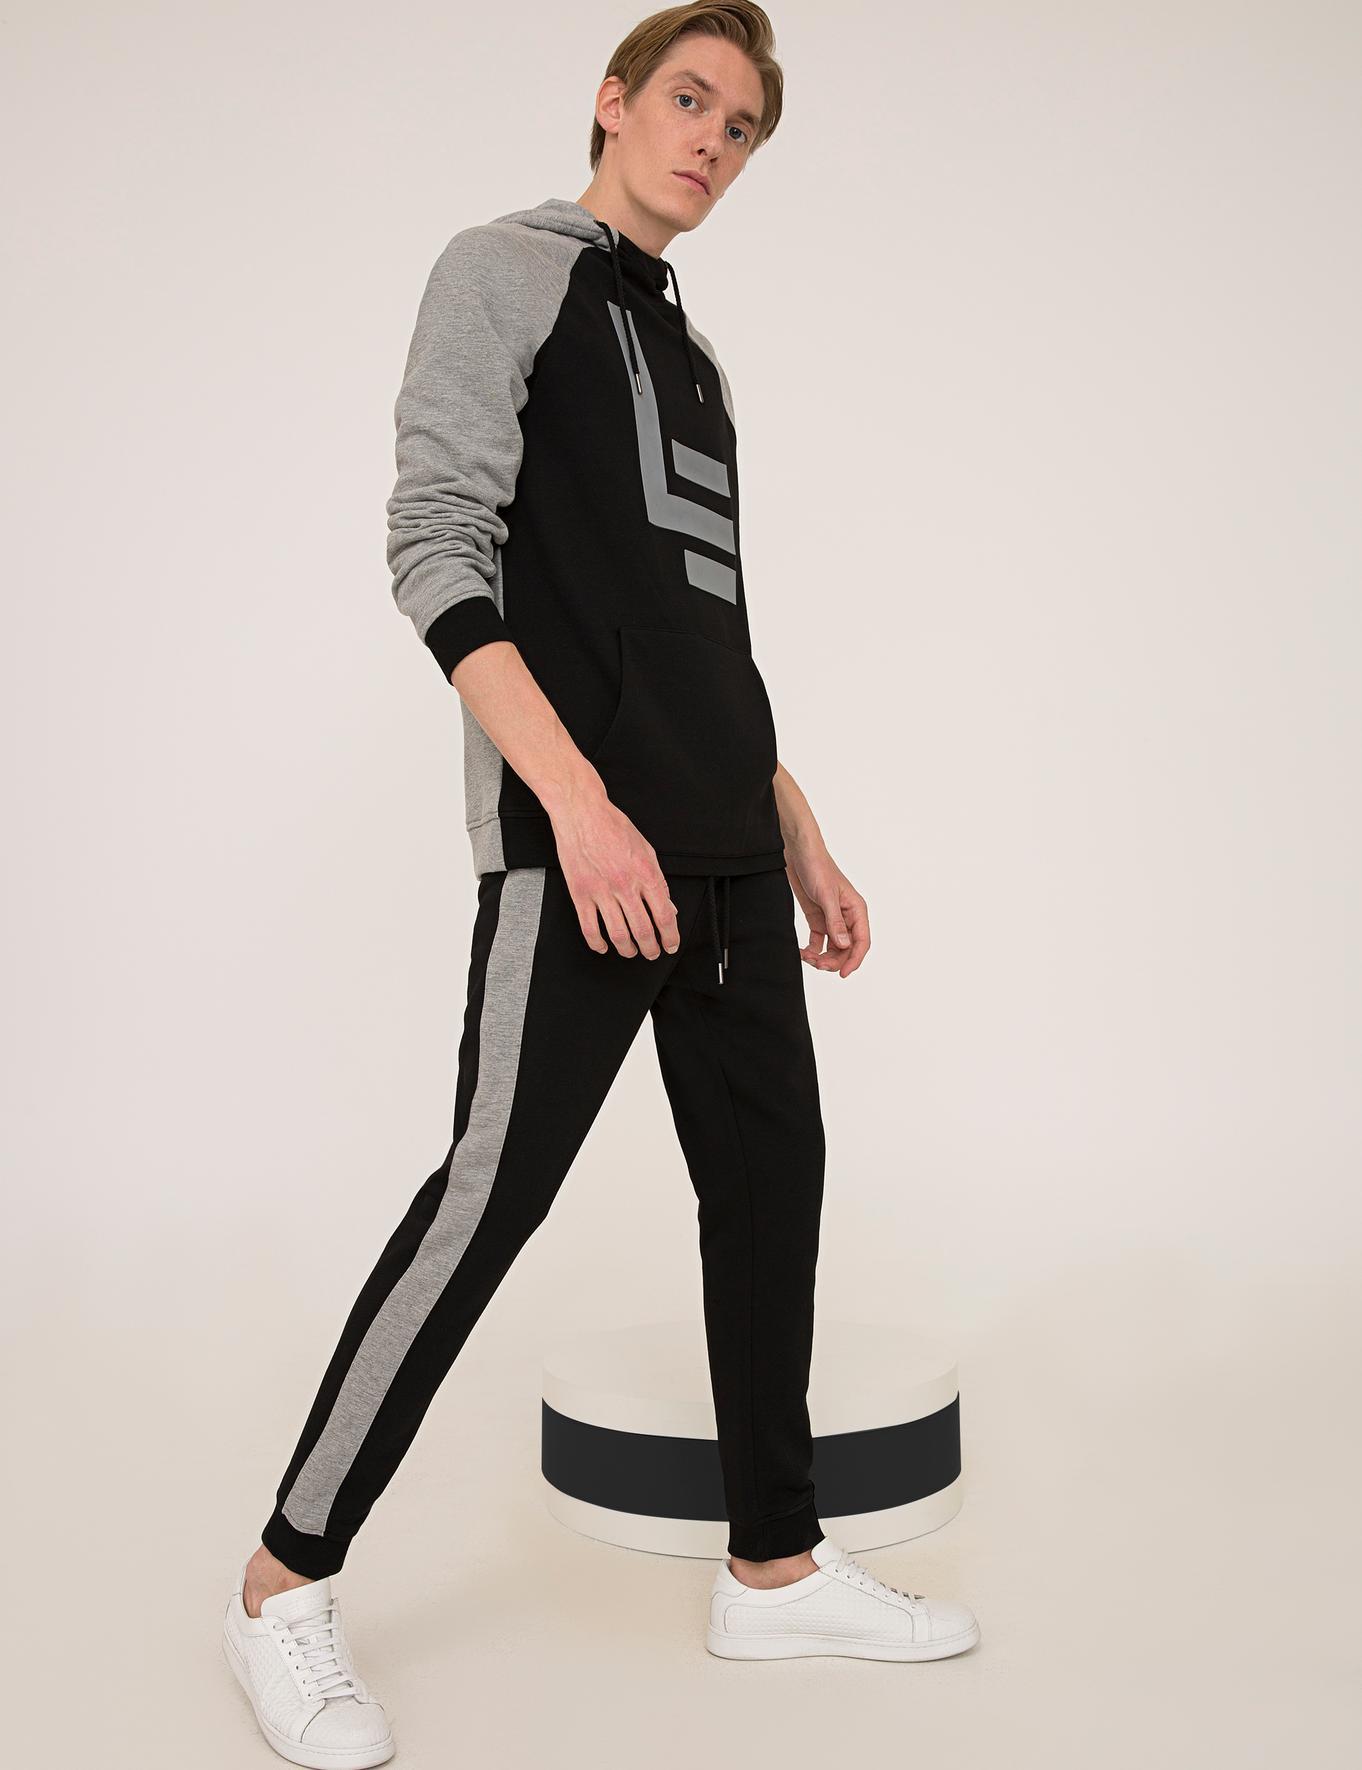 Siyah Örme Pantolon - 50235803008